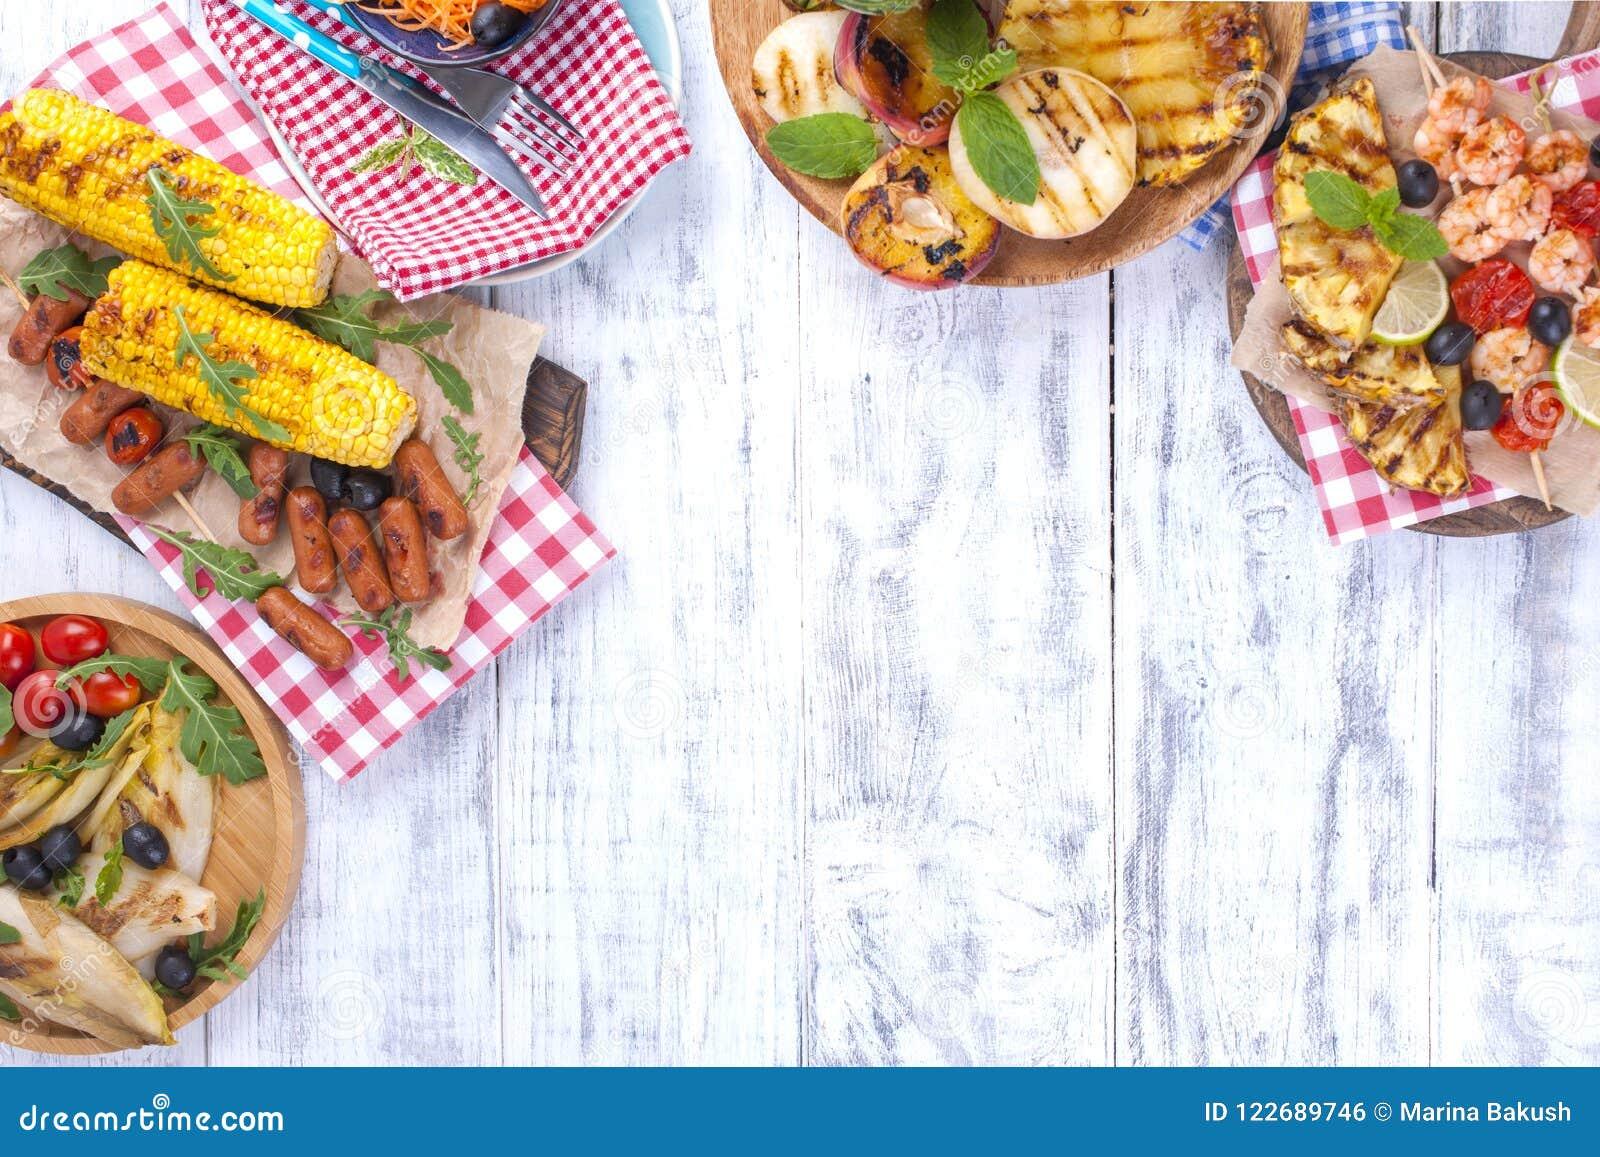 Comida campestre con la comida asada a la parrilla Diversas verduras y frutas en la barbacoa y los mariscos, camarón Almuerzo del